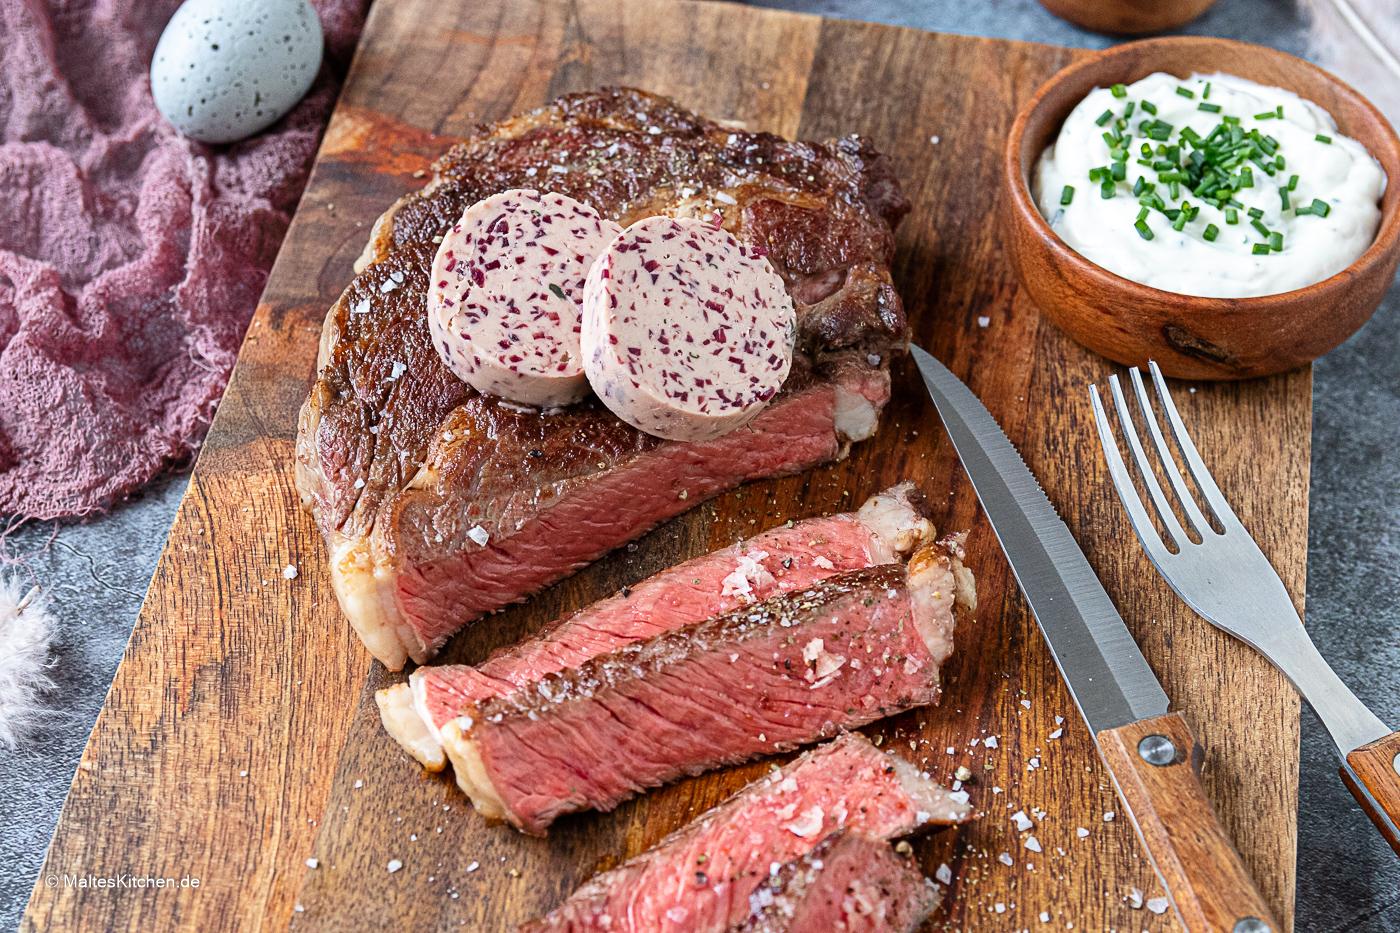 Rezept Entrecote mit Rotwein-Schalotten-Butter und Knoblauch-Chilli-Kartoffeln